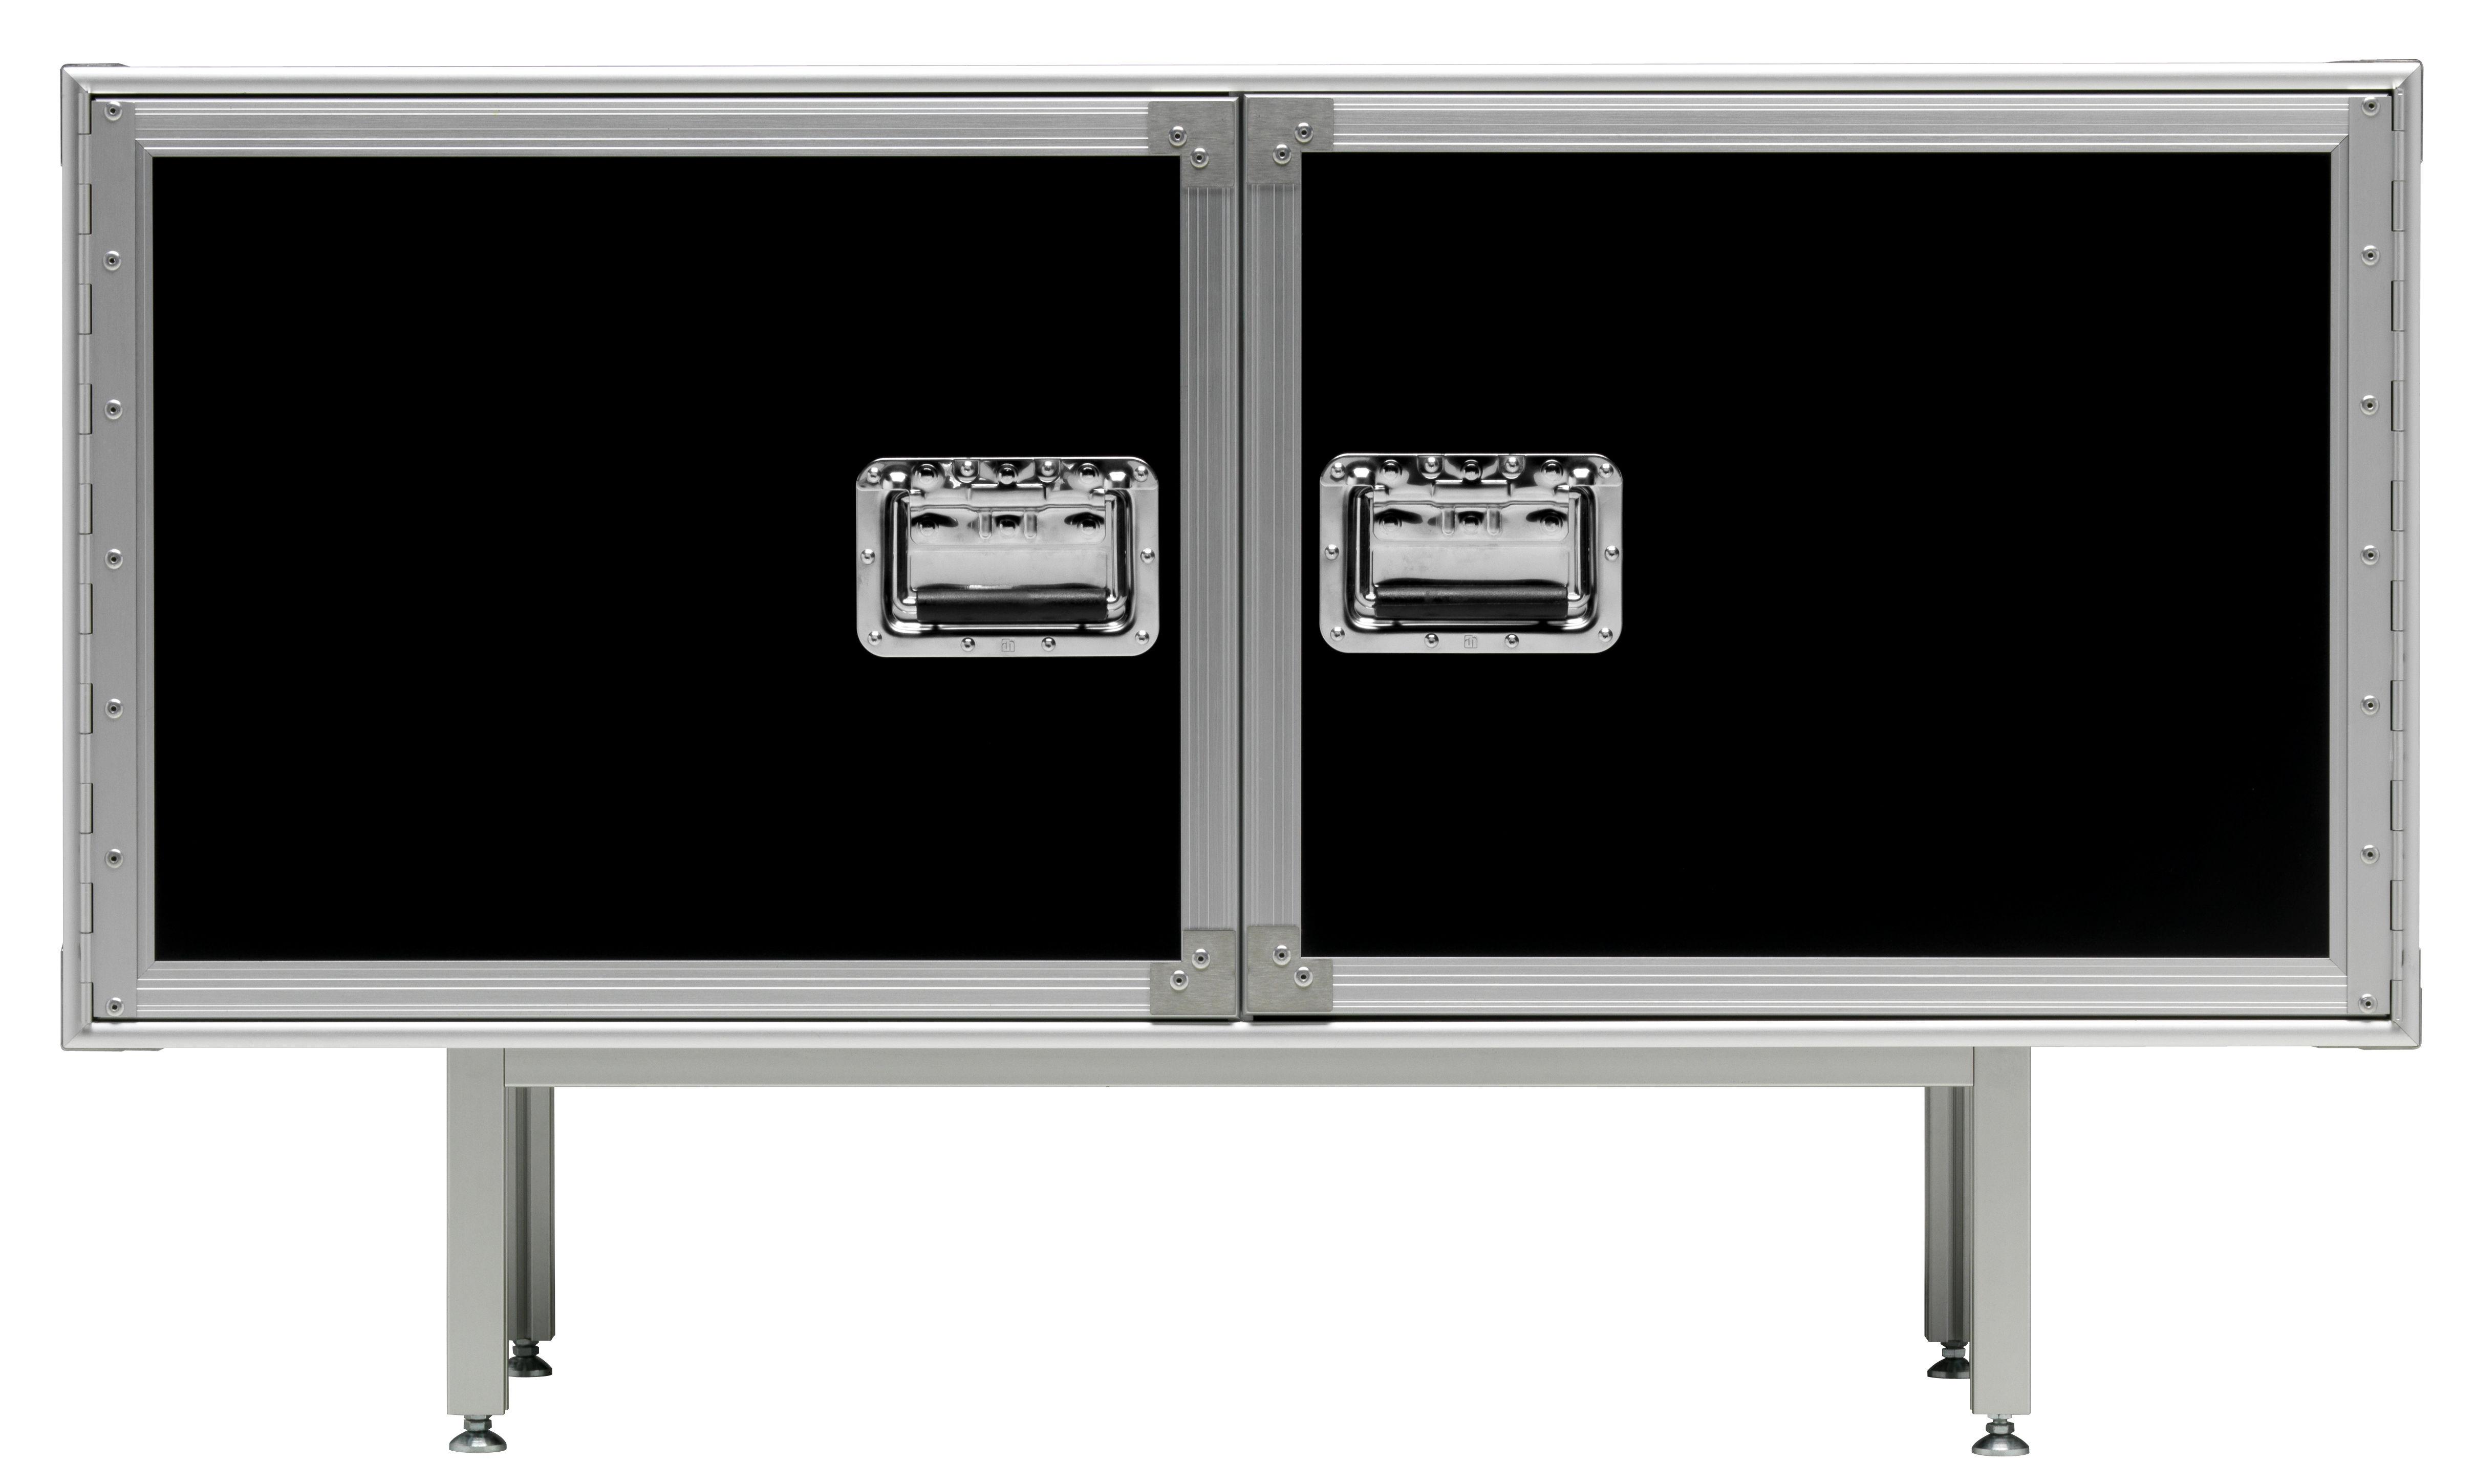 Mobilier - Commodes, buffets & armoires - Buffet Total Flightcase L 120 cm - Diesel with Moroso - Noir - Acier chromé, Stratifié